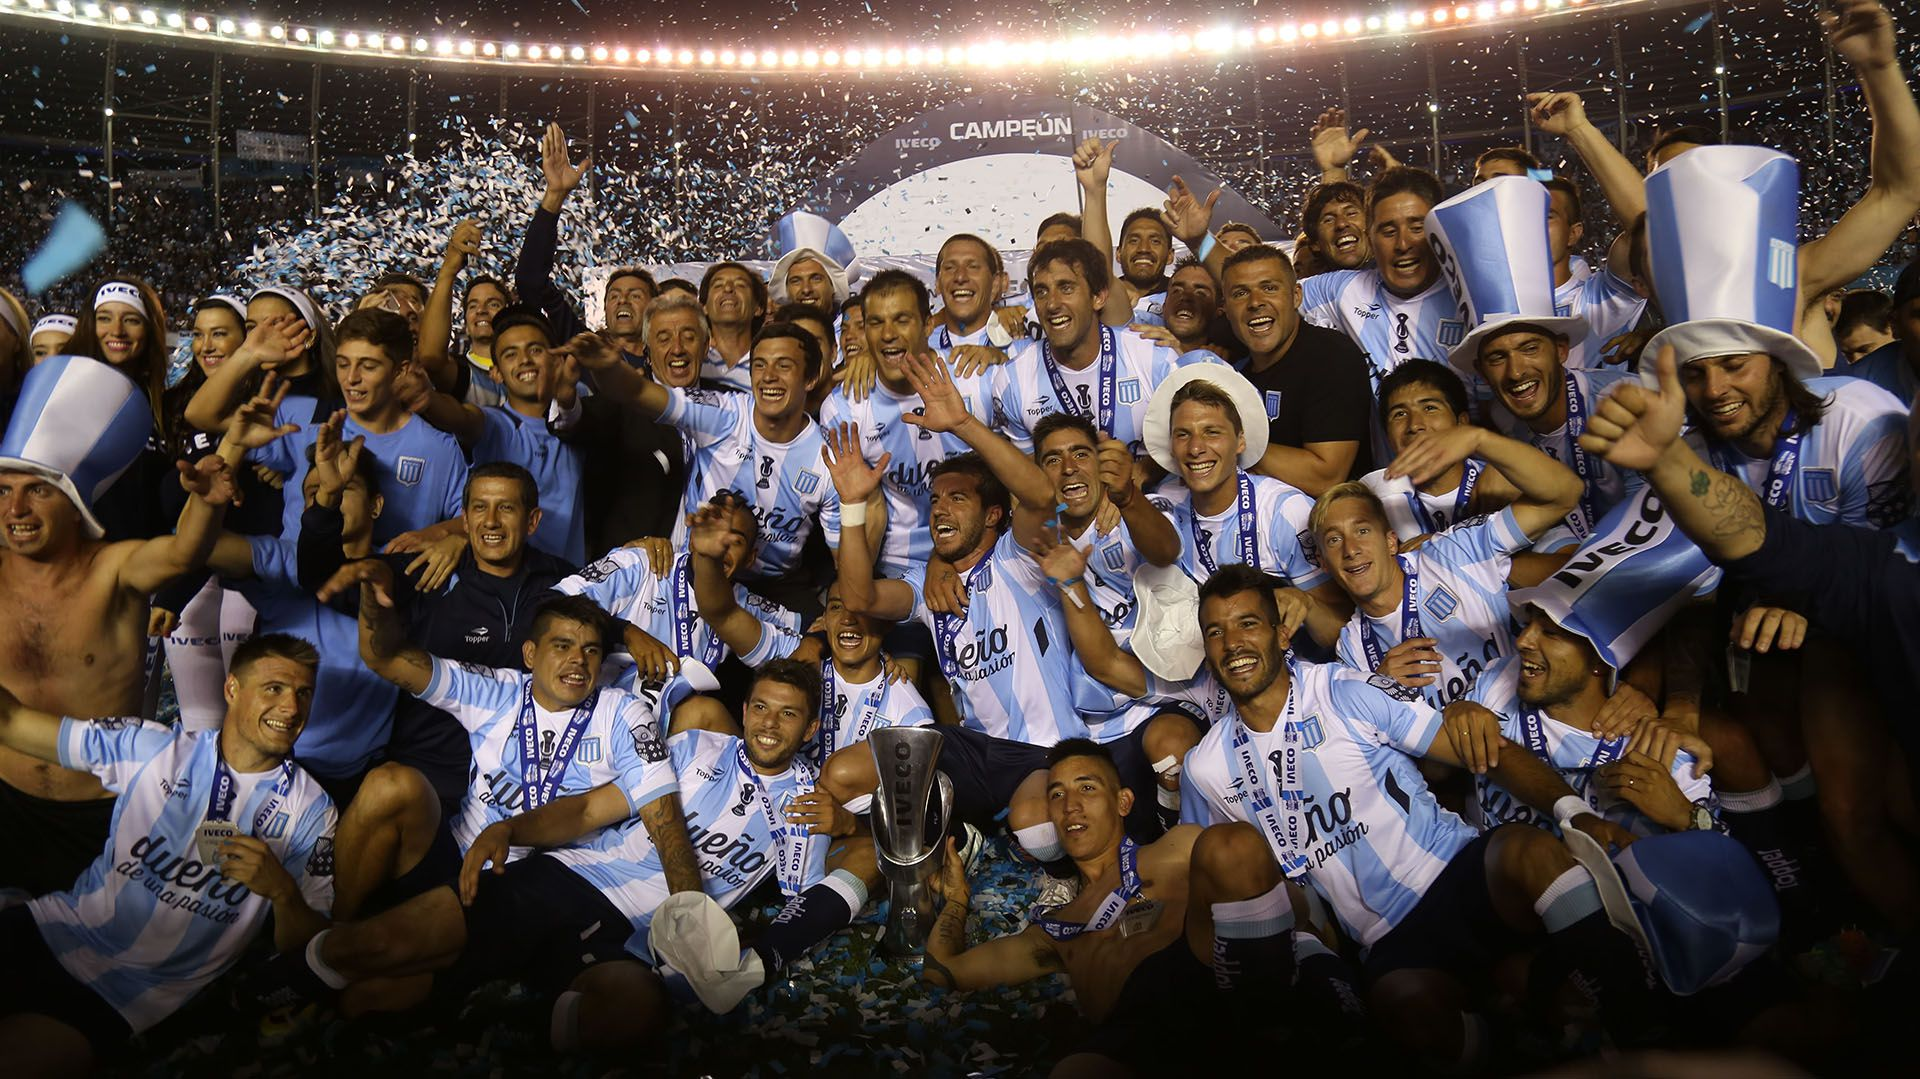 Los jugadores de Racing festejan el campeonato obtenido luego de vencer a Godoy Cruz por 1 a 0 en 2014. Foto NA: JUAN VARGAS